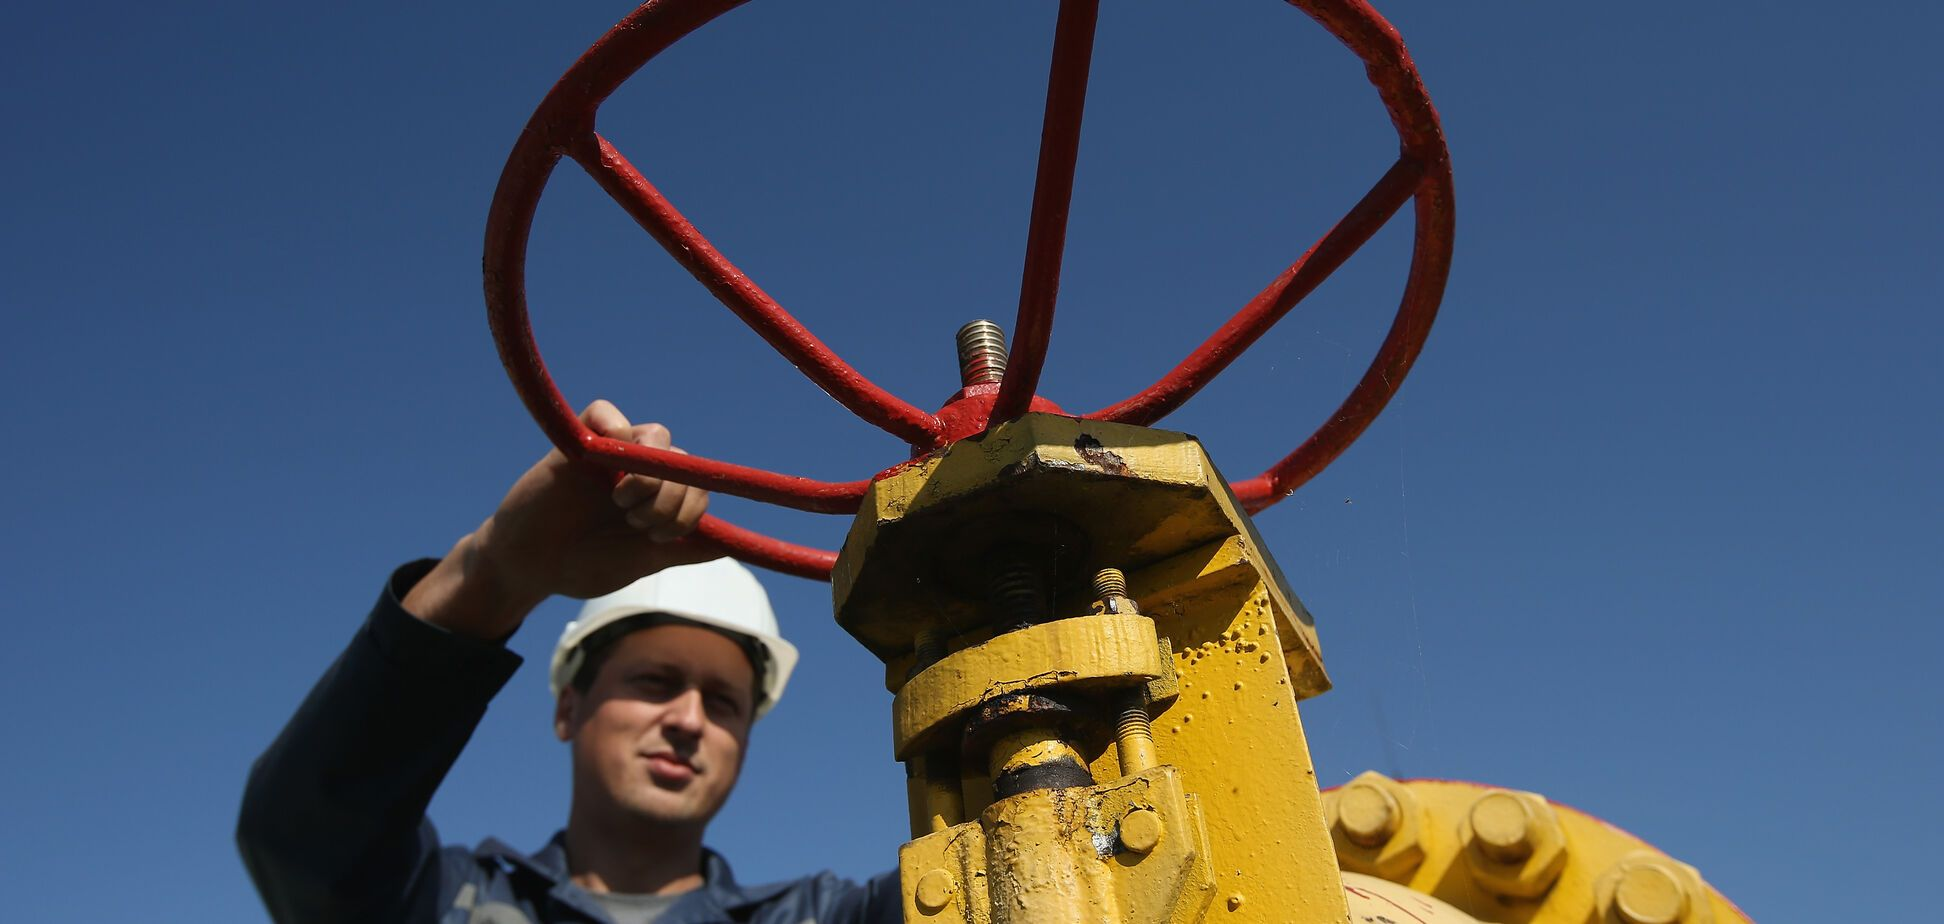 Славутич без газа: стало известно, что происходит с городом